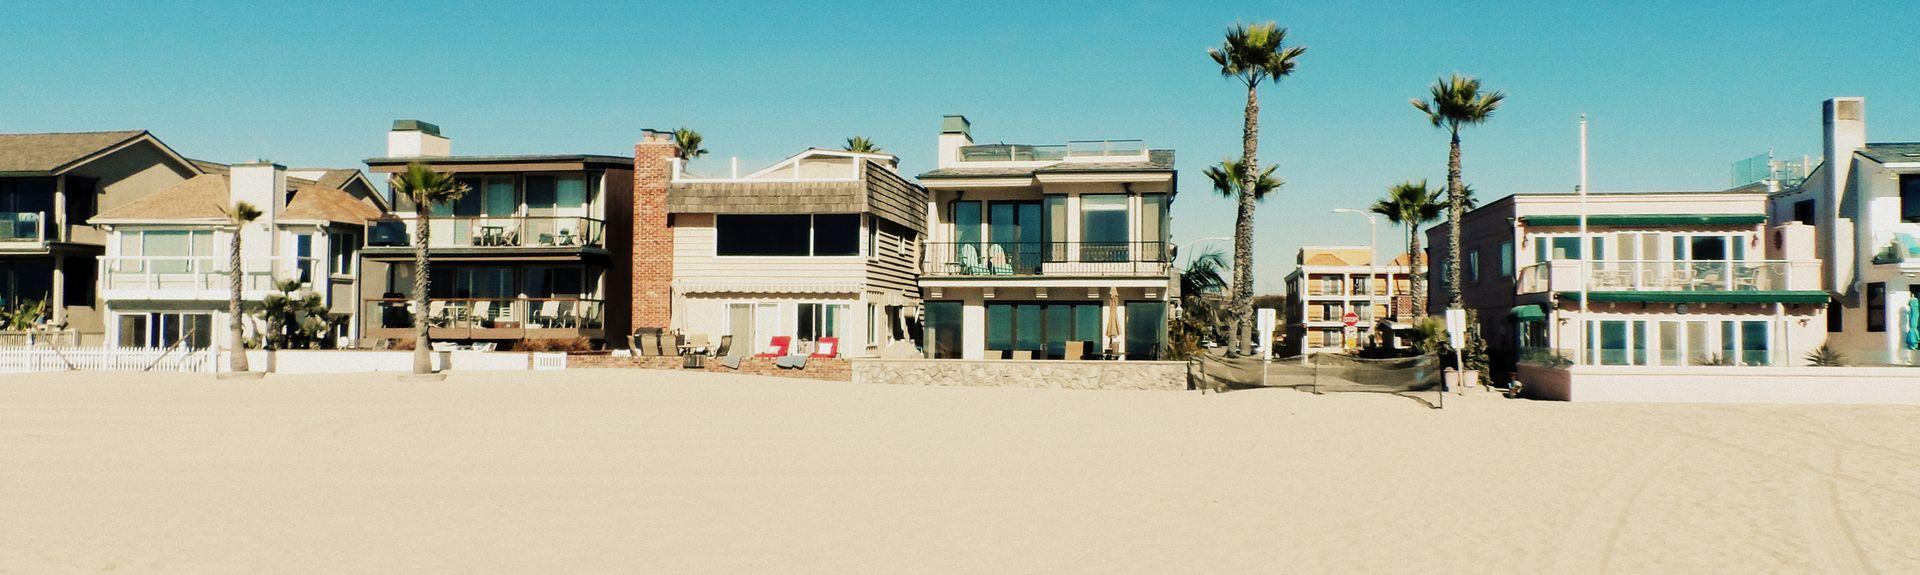 Vrbo Newport Beach Ca Vacation Rentals House Rentals More